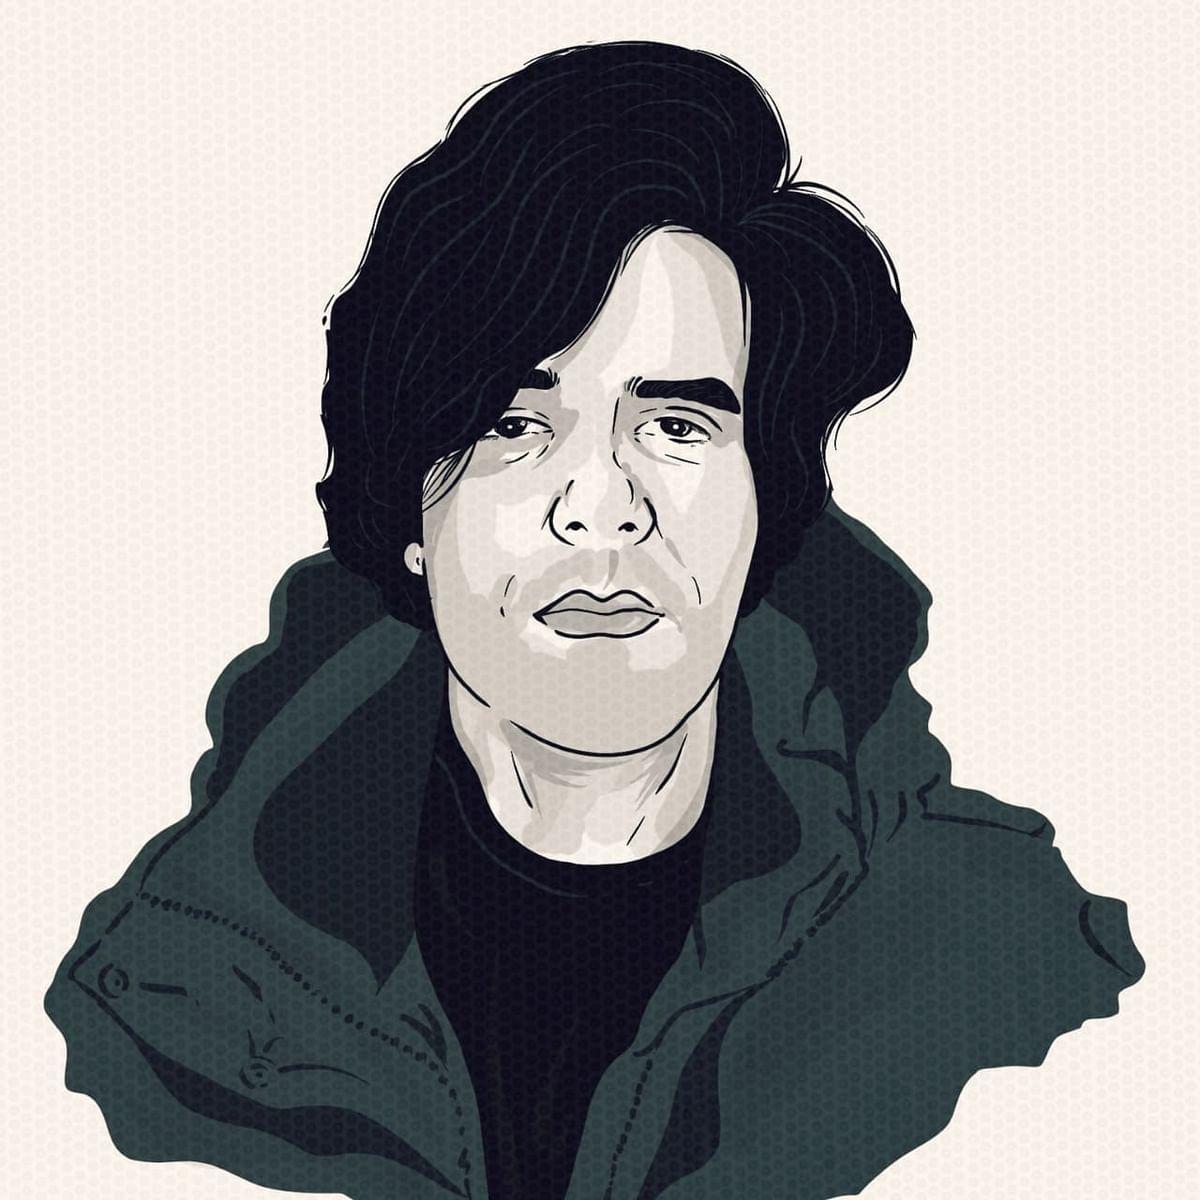 Mir Suhail made this illustration of himself. (Image: Mir Suhail)